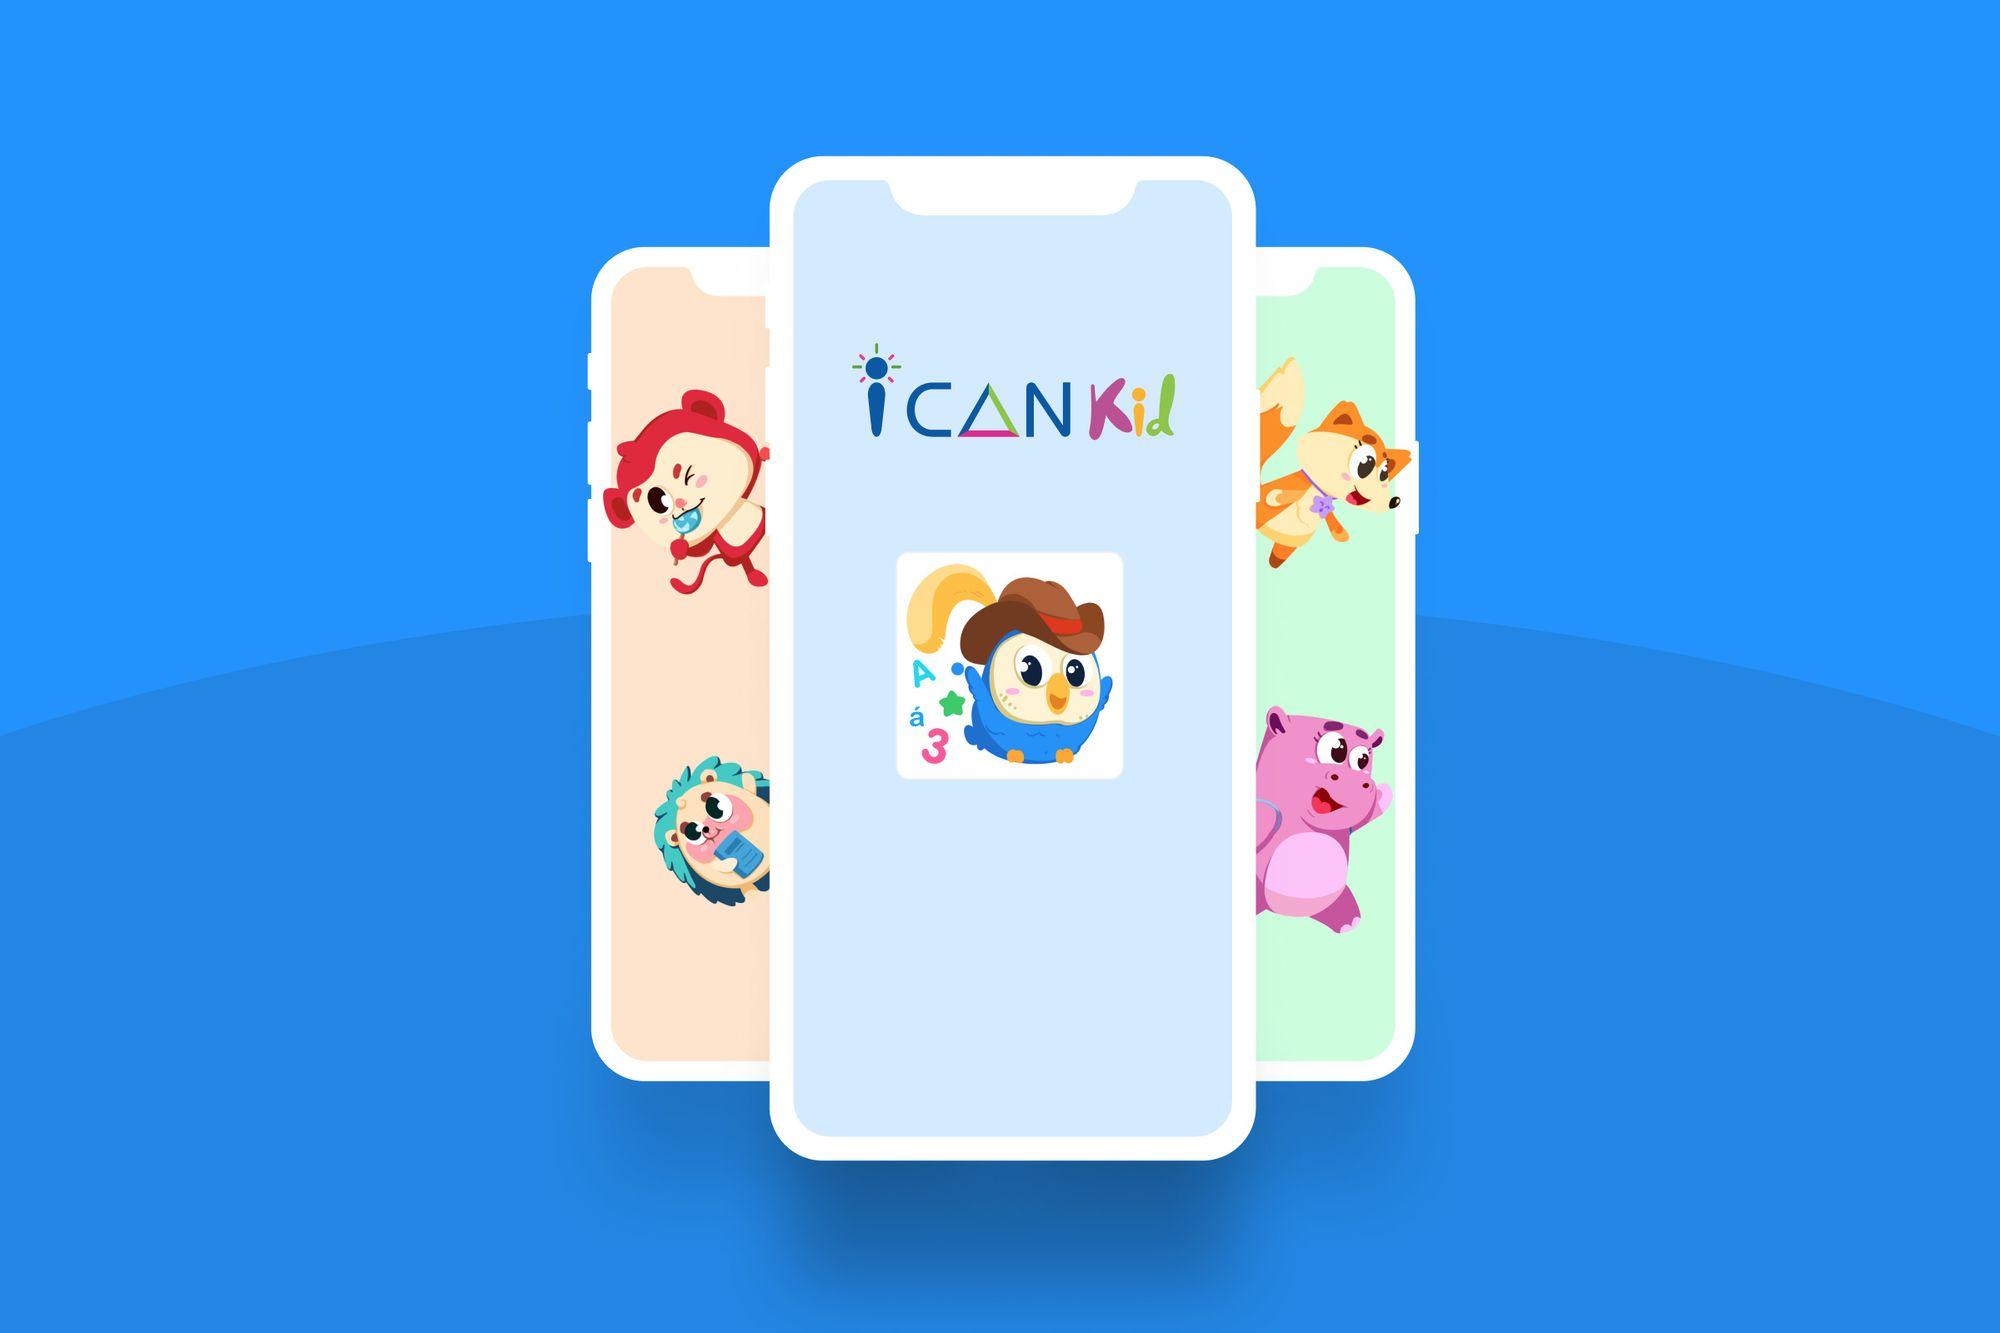 Galaxy Education chính thức ra mắt ứng dụng giáo dục trực tuyến ICANKid